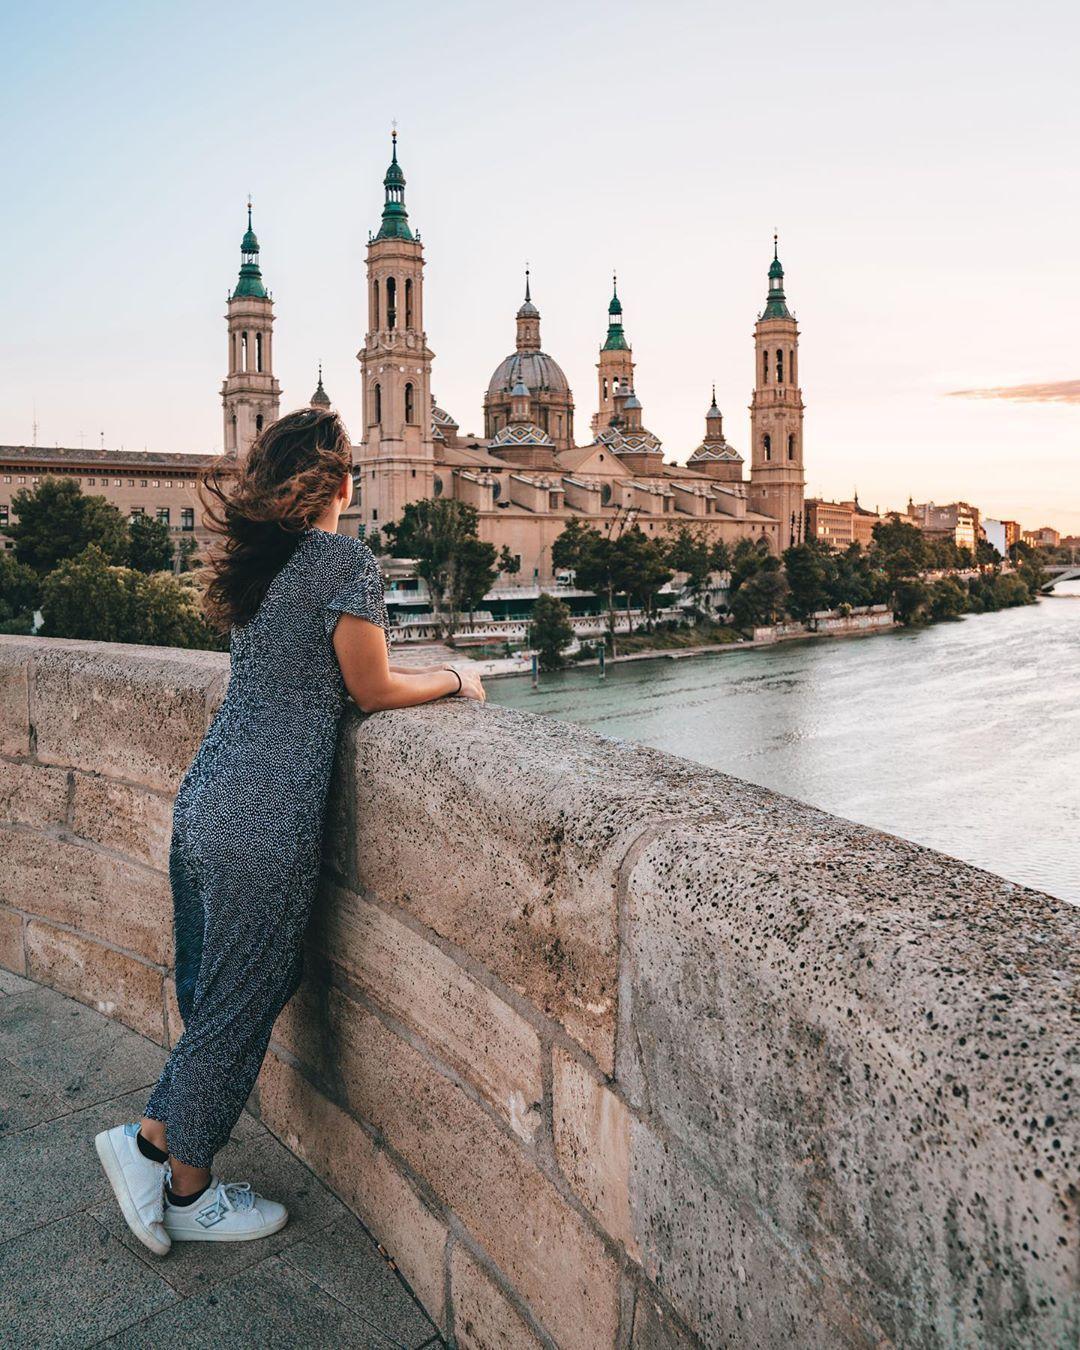 Dónde Alojarse En Zaragoza Mejores Zonas Y Hoteles Ciudad De Zaragoza Viajar Por España Zaragoza